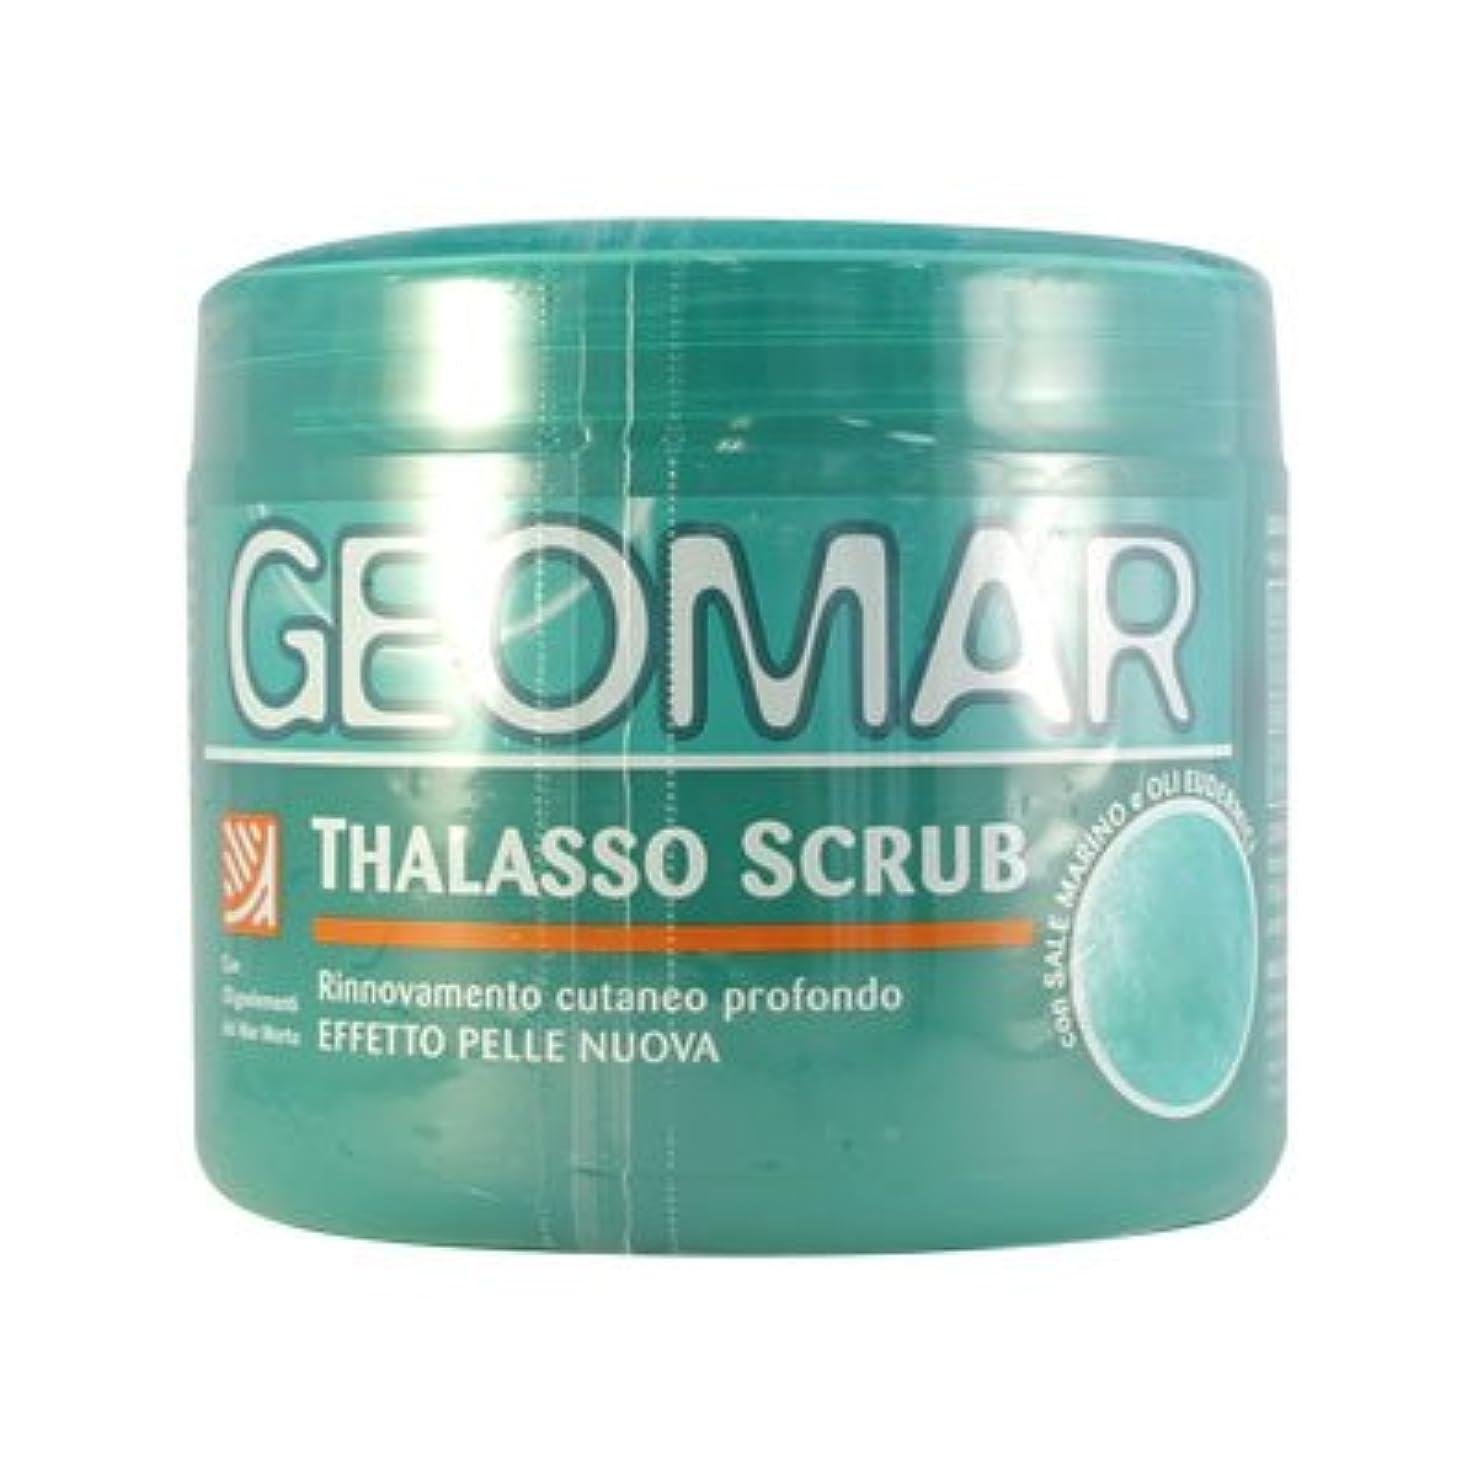 スイス人香り魅惑するジェオマール GEOMAR タラソスクラブ 600g